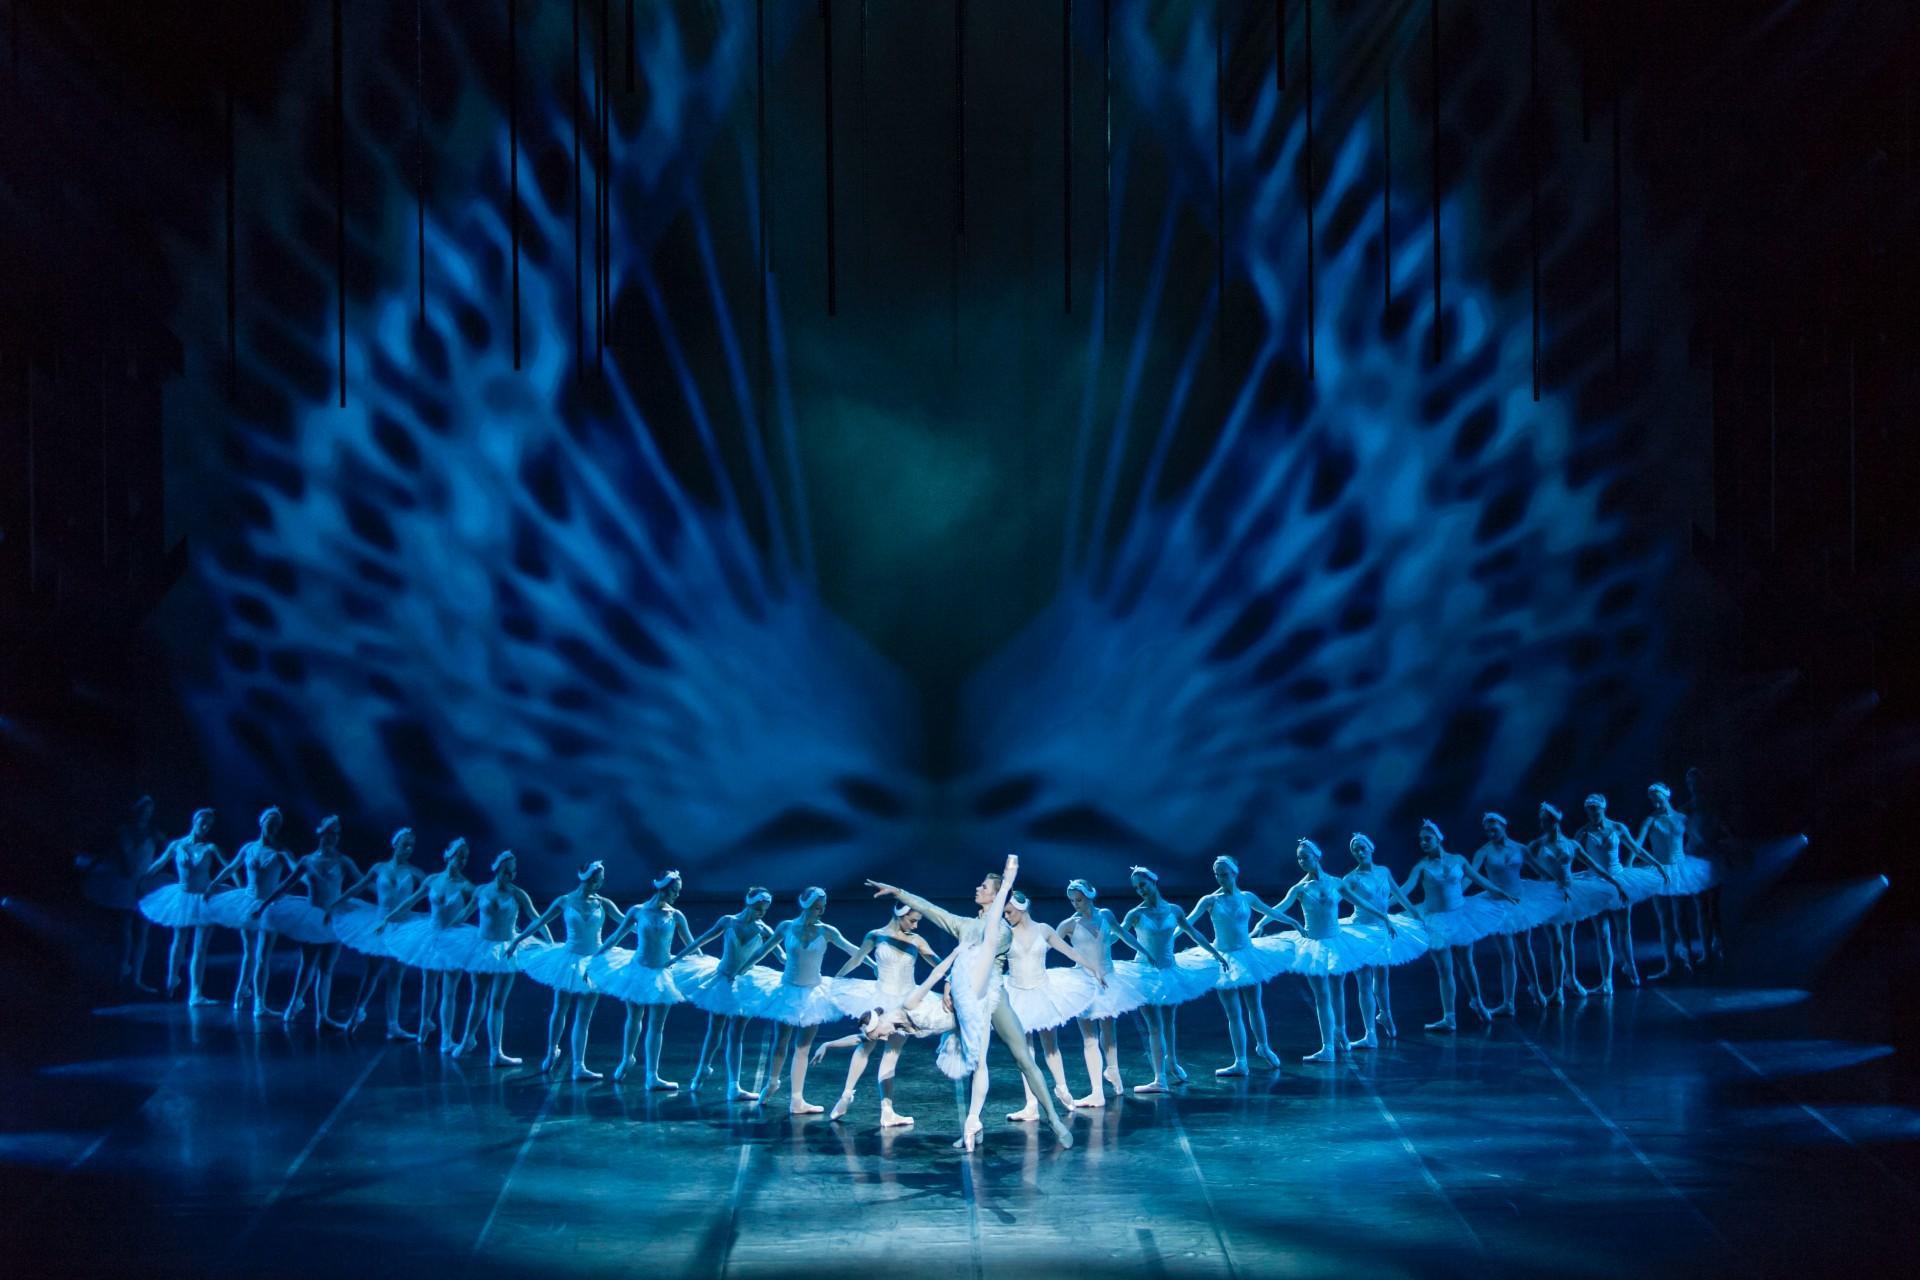 Svanesøen, Anmeldelse, Nikolaj Hübbe, Den Kgl. Ballet